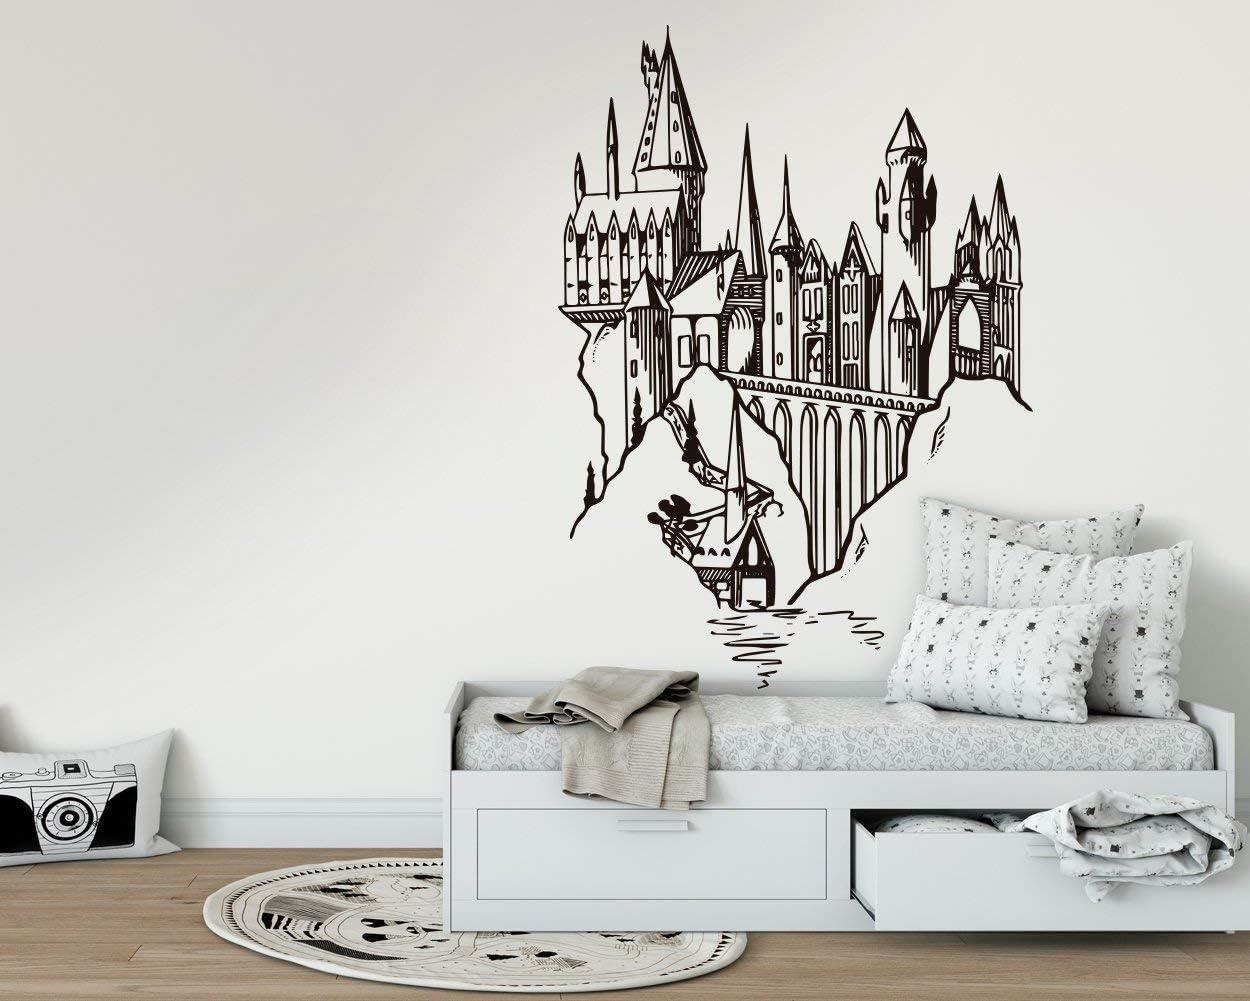 Kuarki Hogwarts Schloss Wandtattoo Harry Potter Wandaufkleber Harry Potter Film Inspiriert Hohe Qualitat Zwei Verfugbare Dimensionen Xl Amazon De Baumarkt